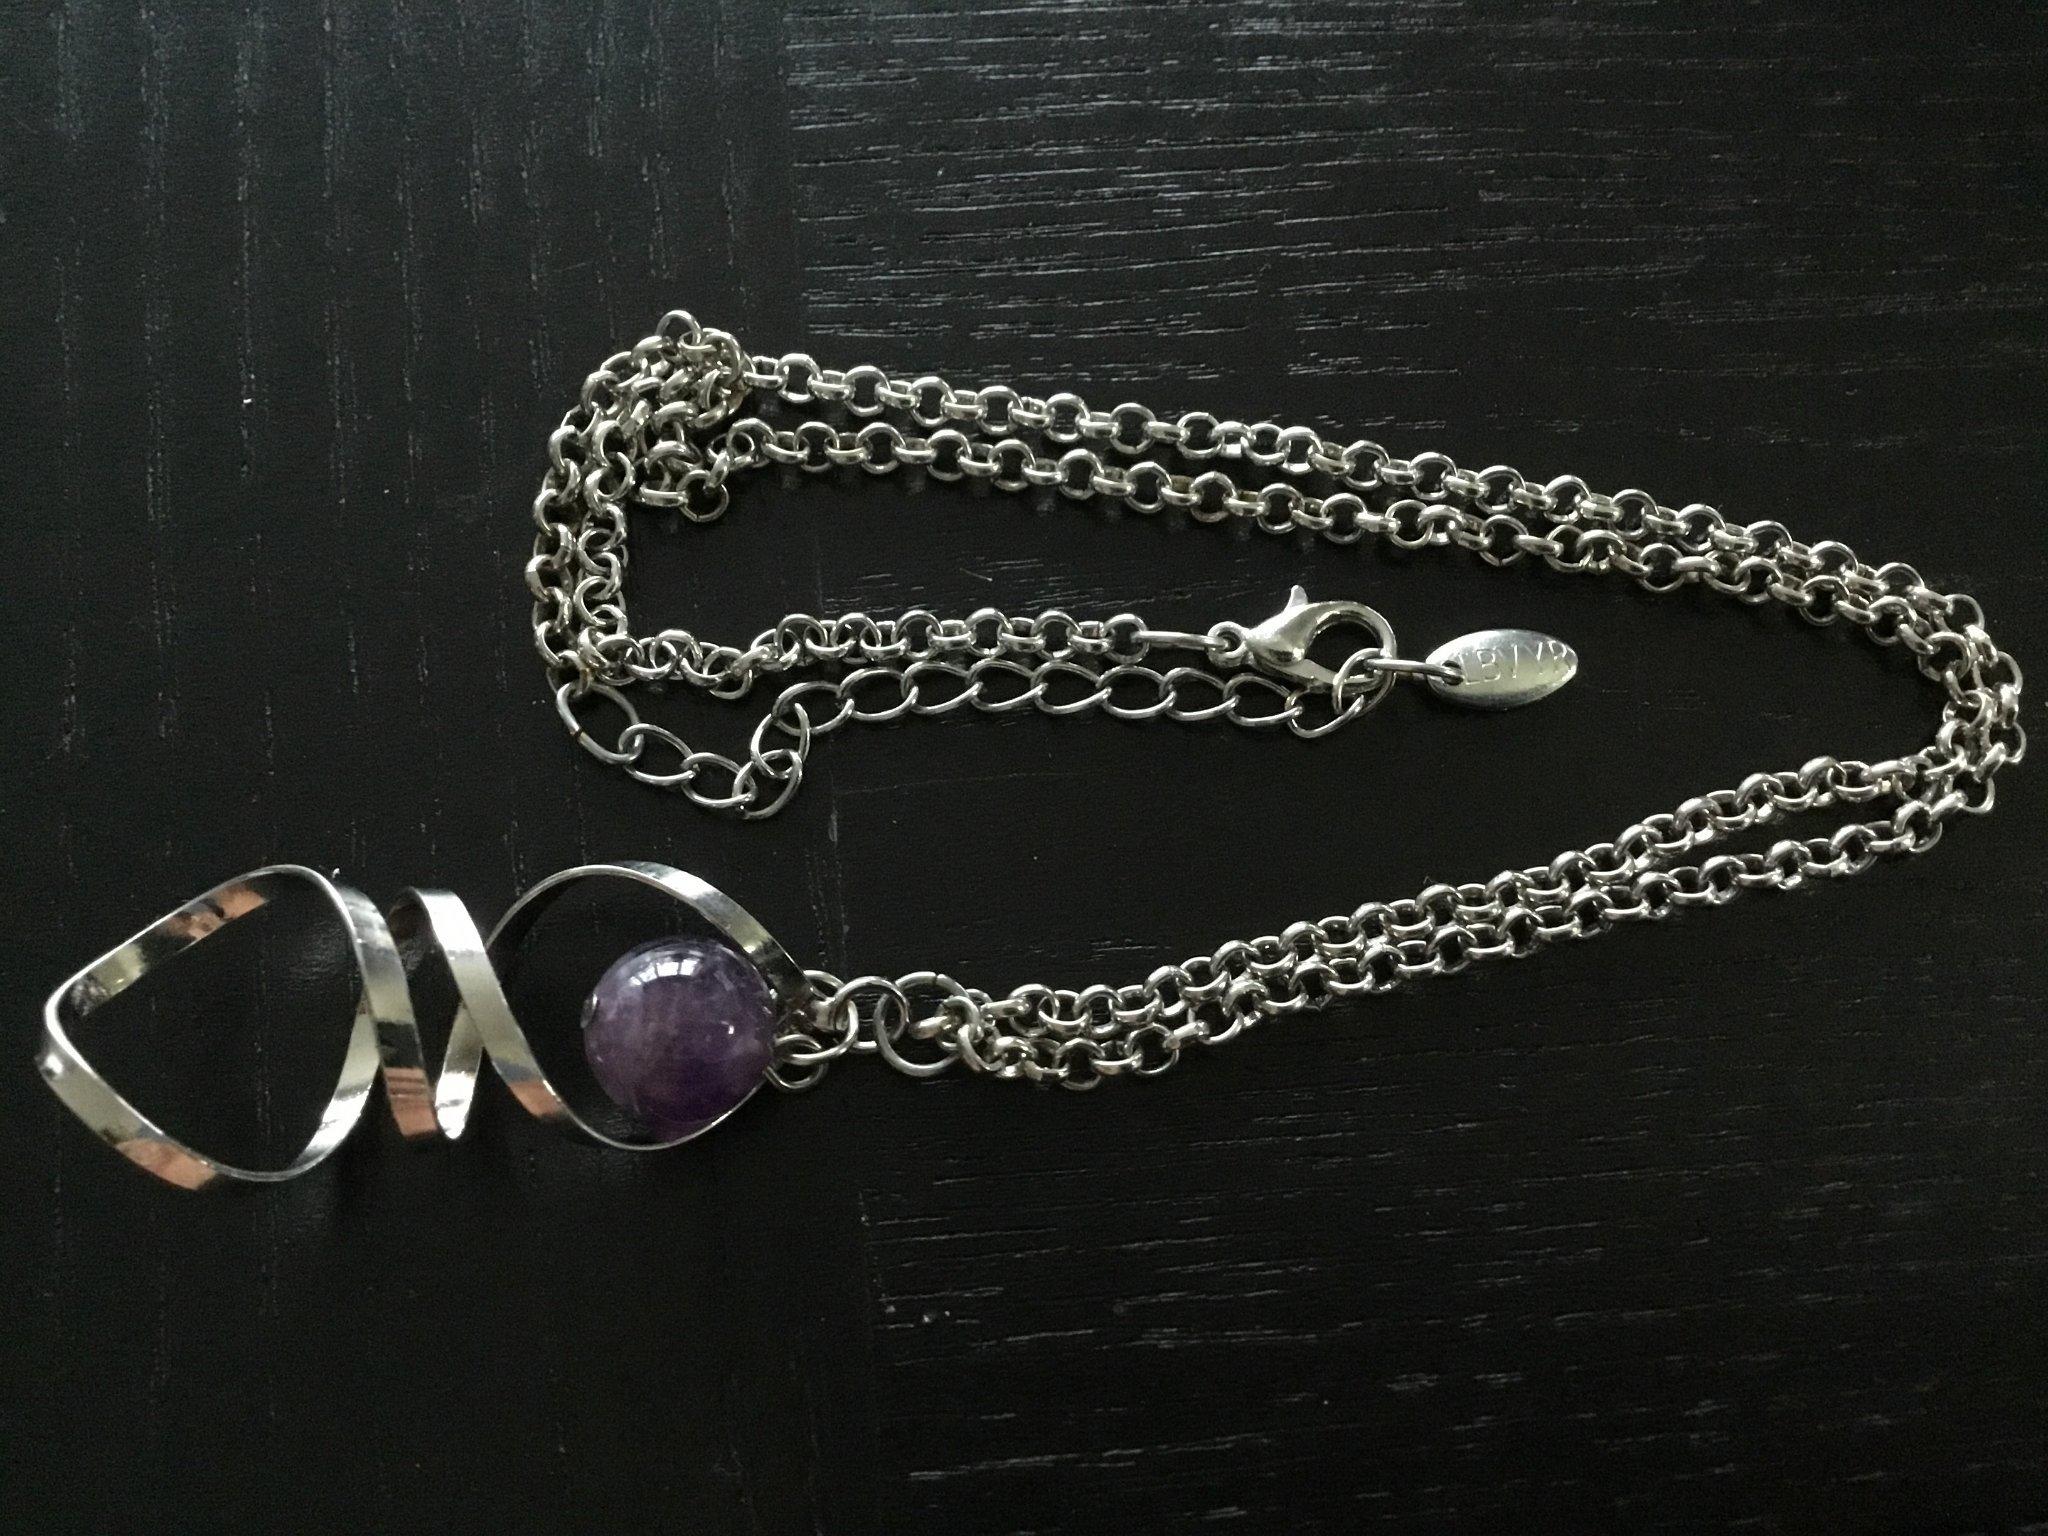 Snyggt LBVYR halsband med läckert hänge och lila kula